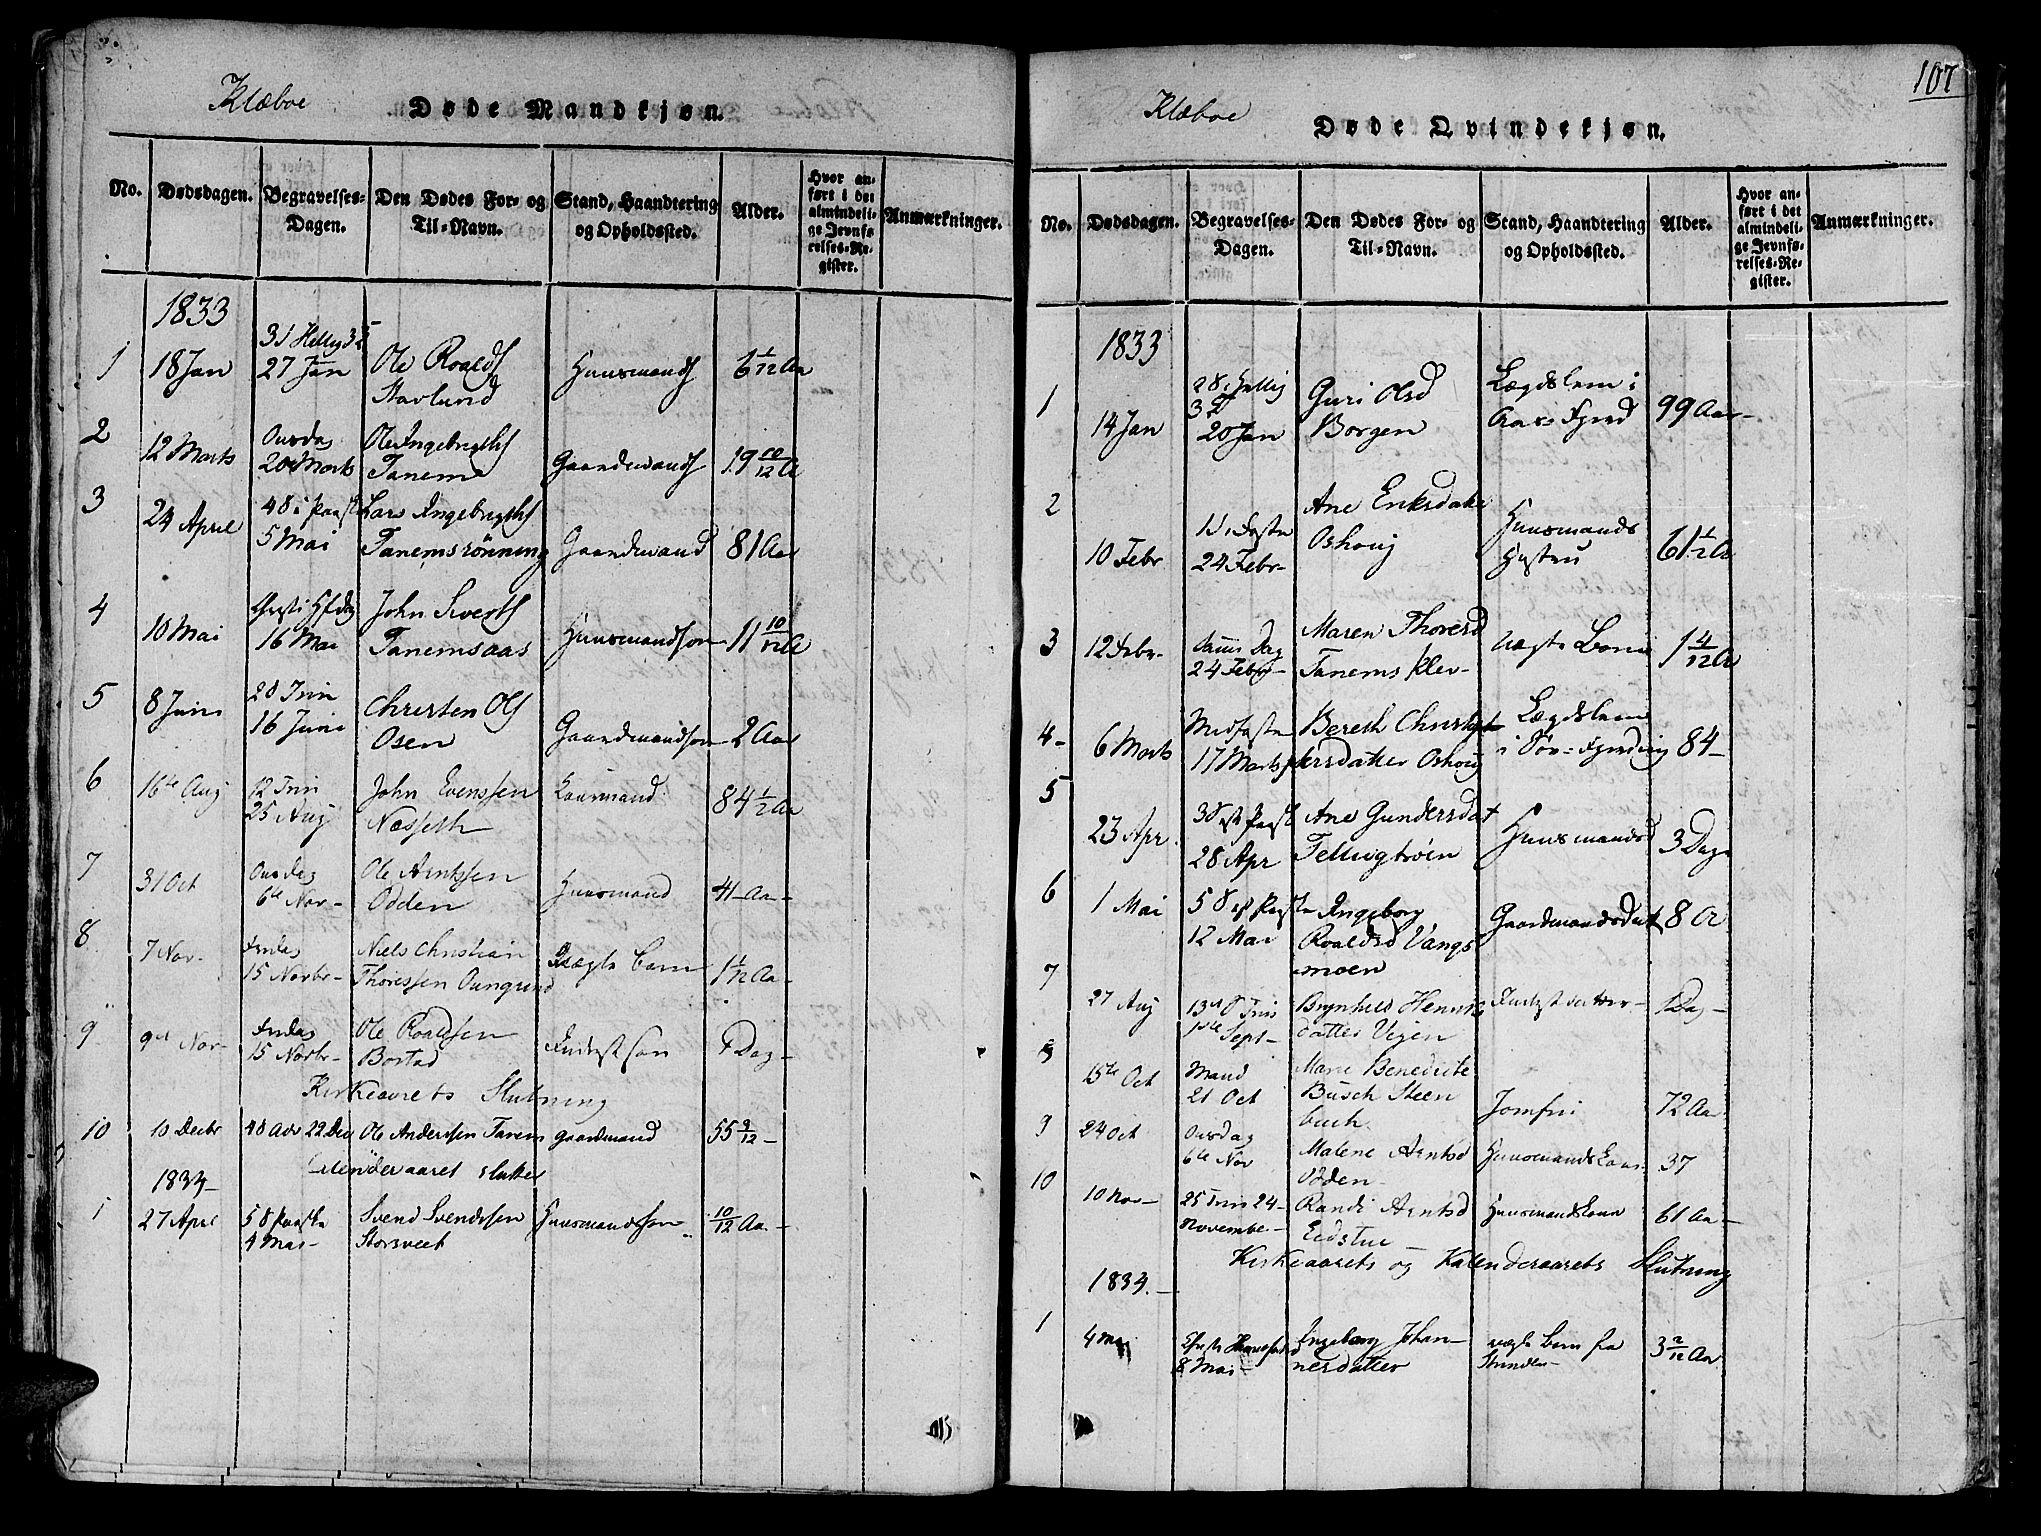 SAT, Ministerialprotokoller, klokkerbøker og fødselsregistre - Sør-Trøndelag, 618/L0439: Ministerialbok nr. 618A04 /1, 1816-1843, s. 107